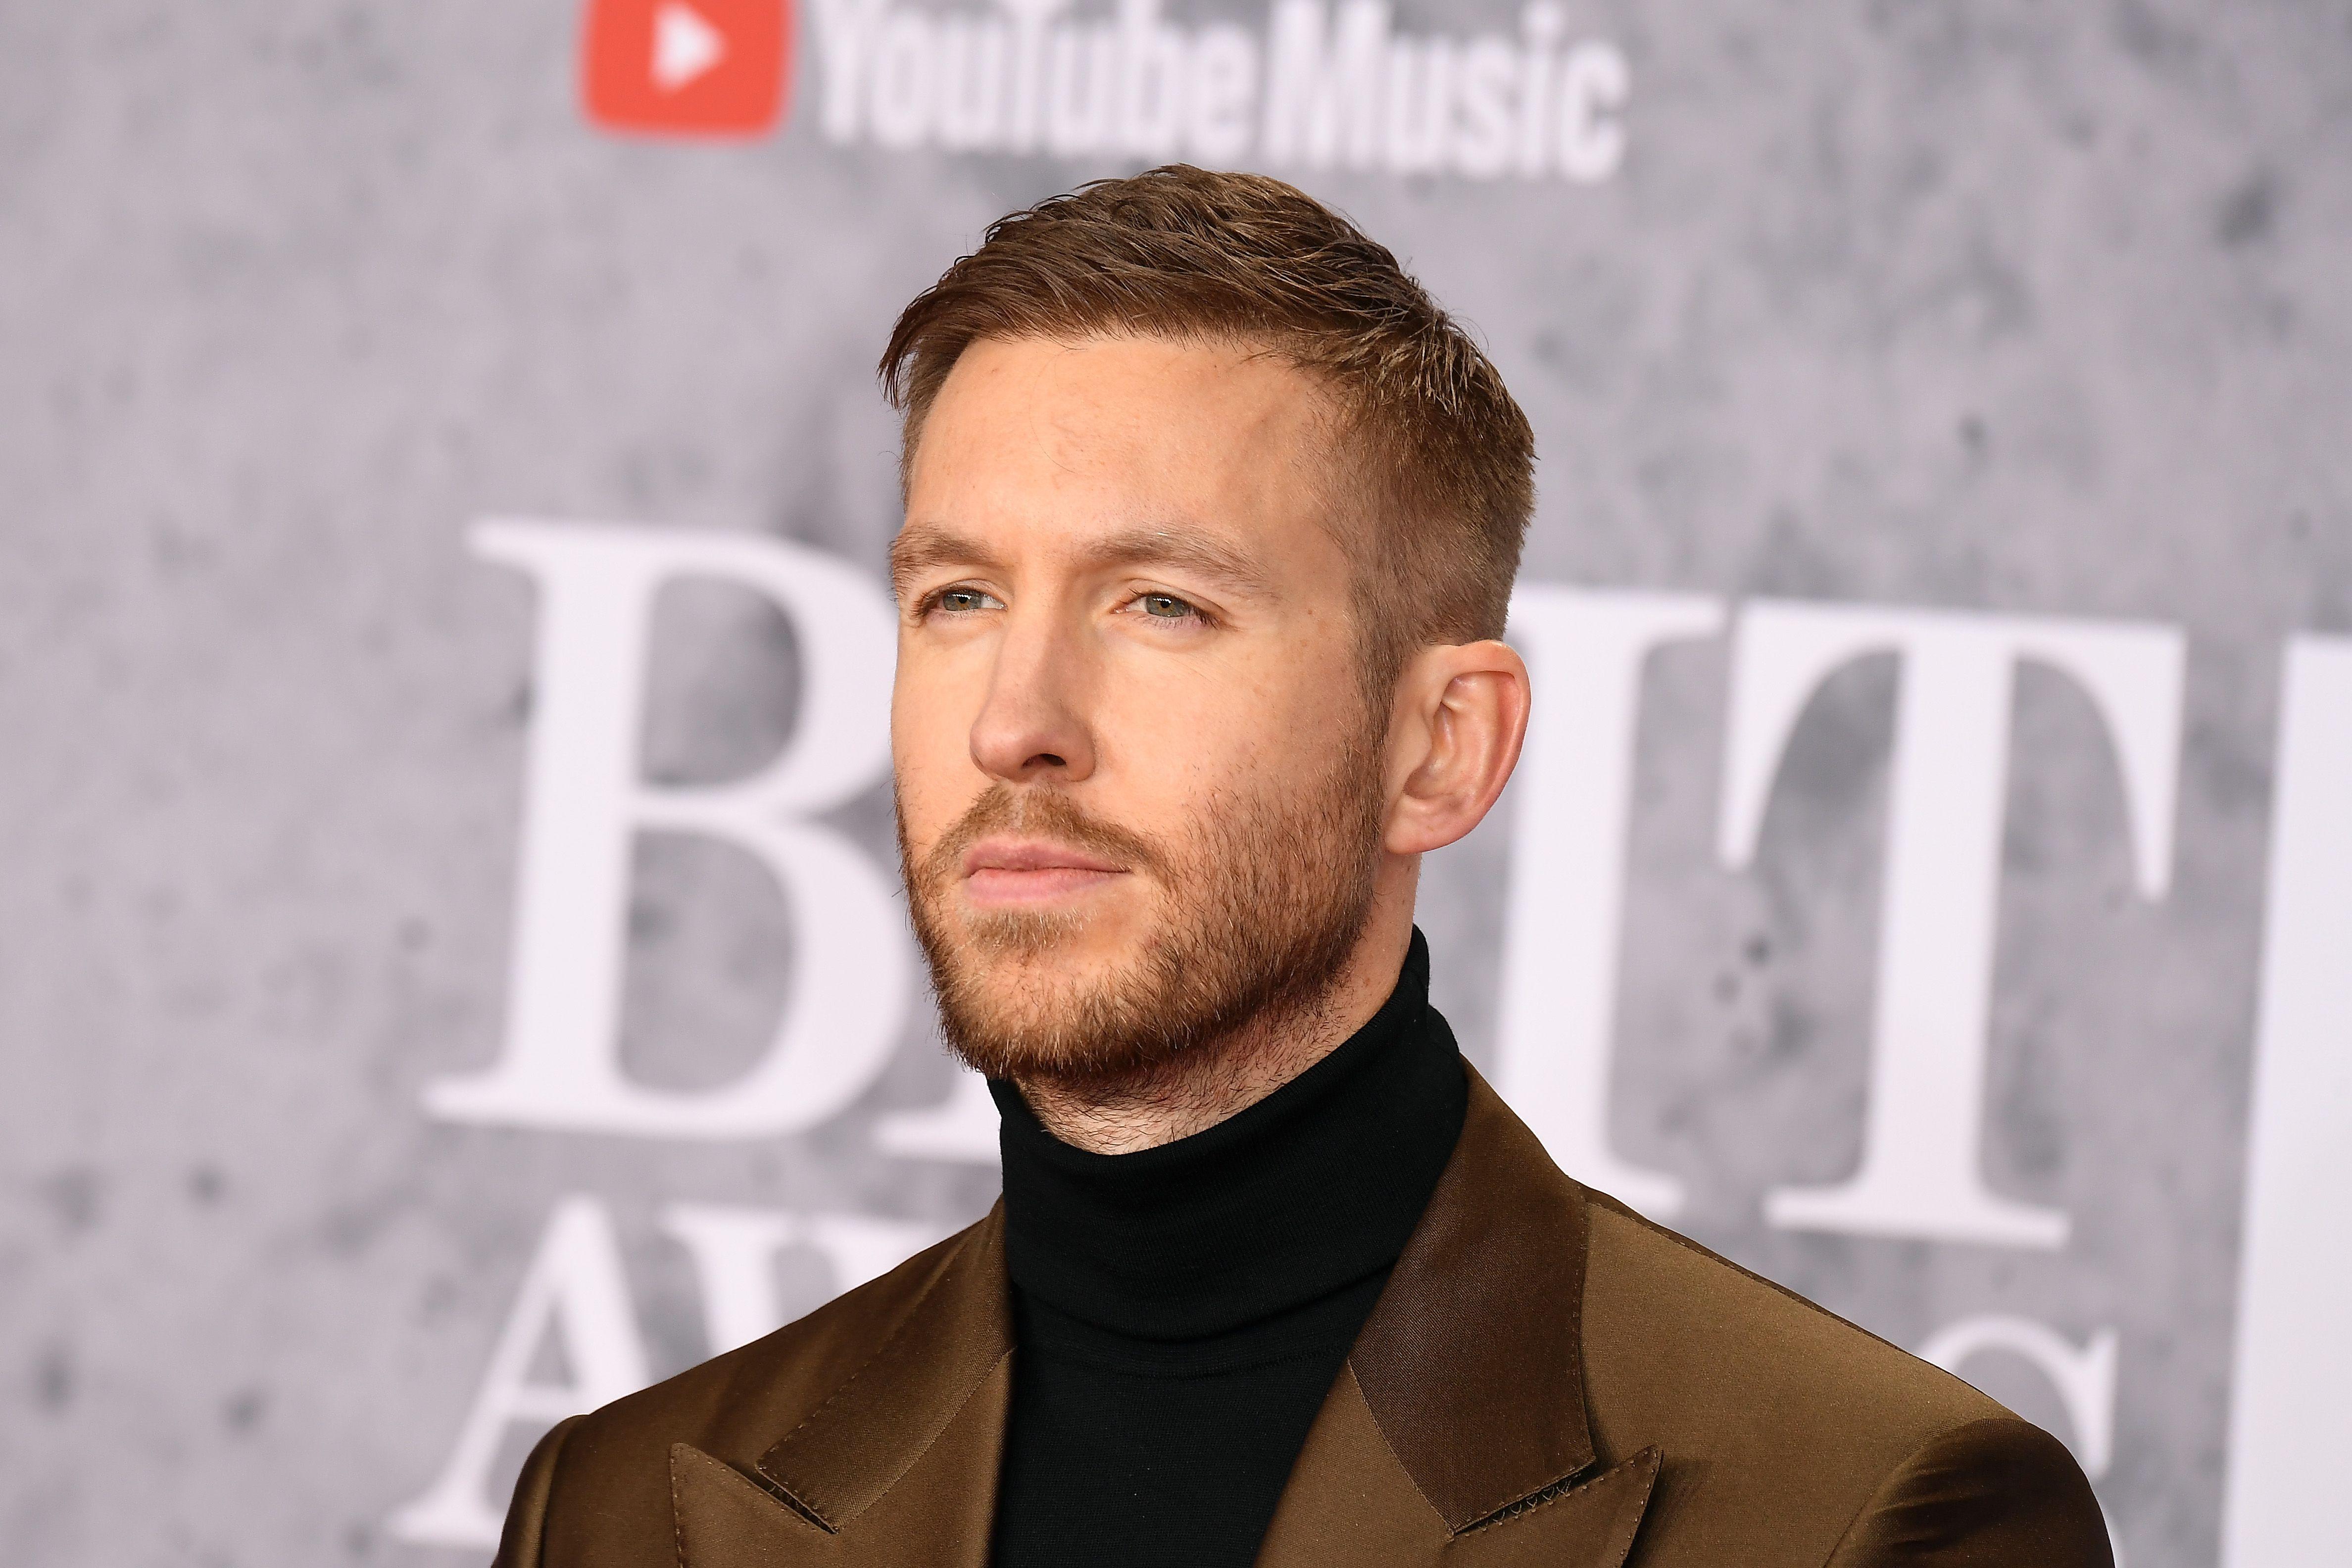 Calvin Harris at an event.